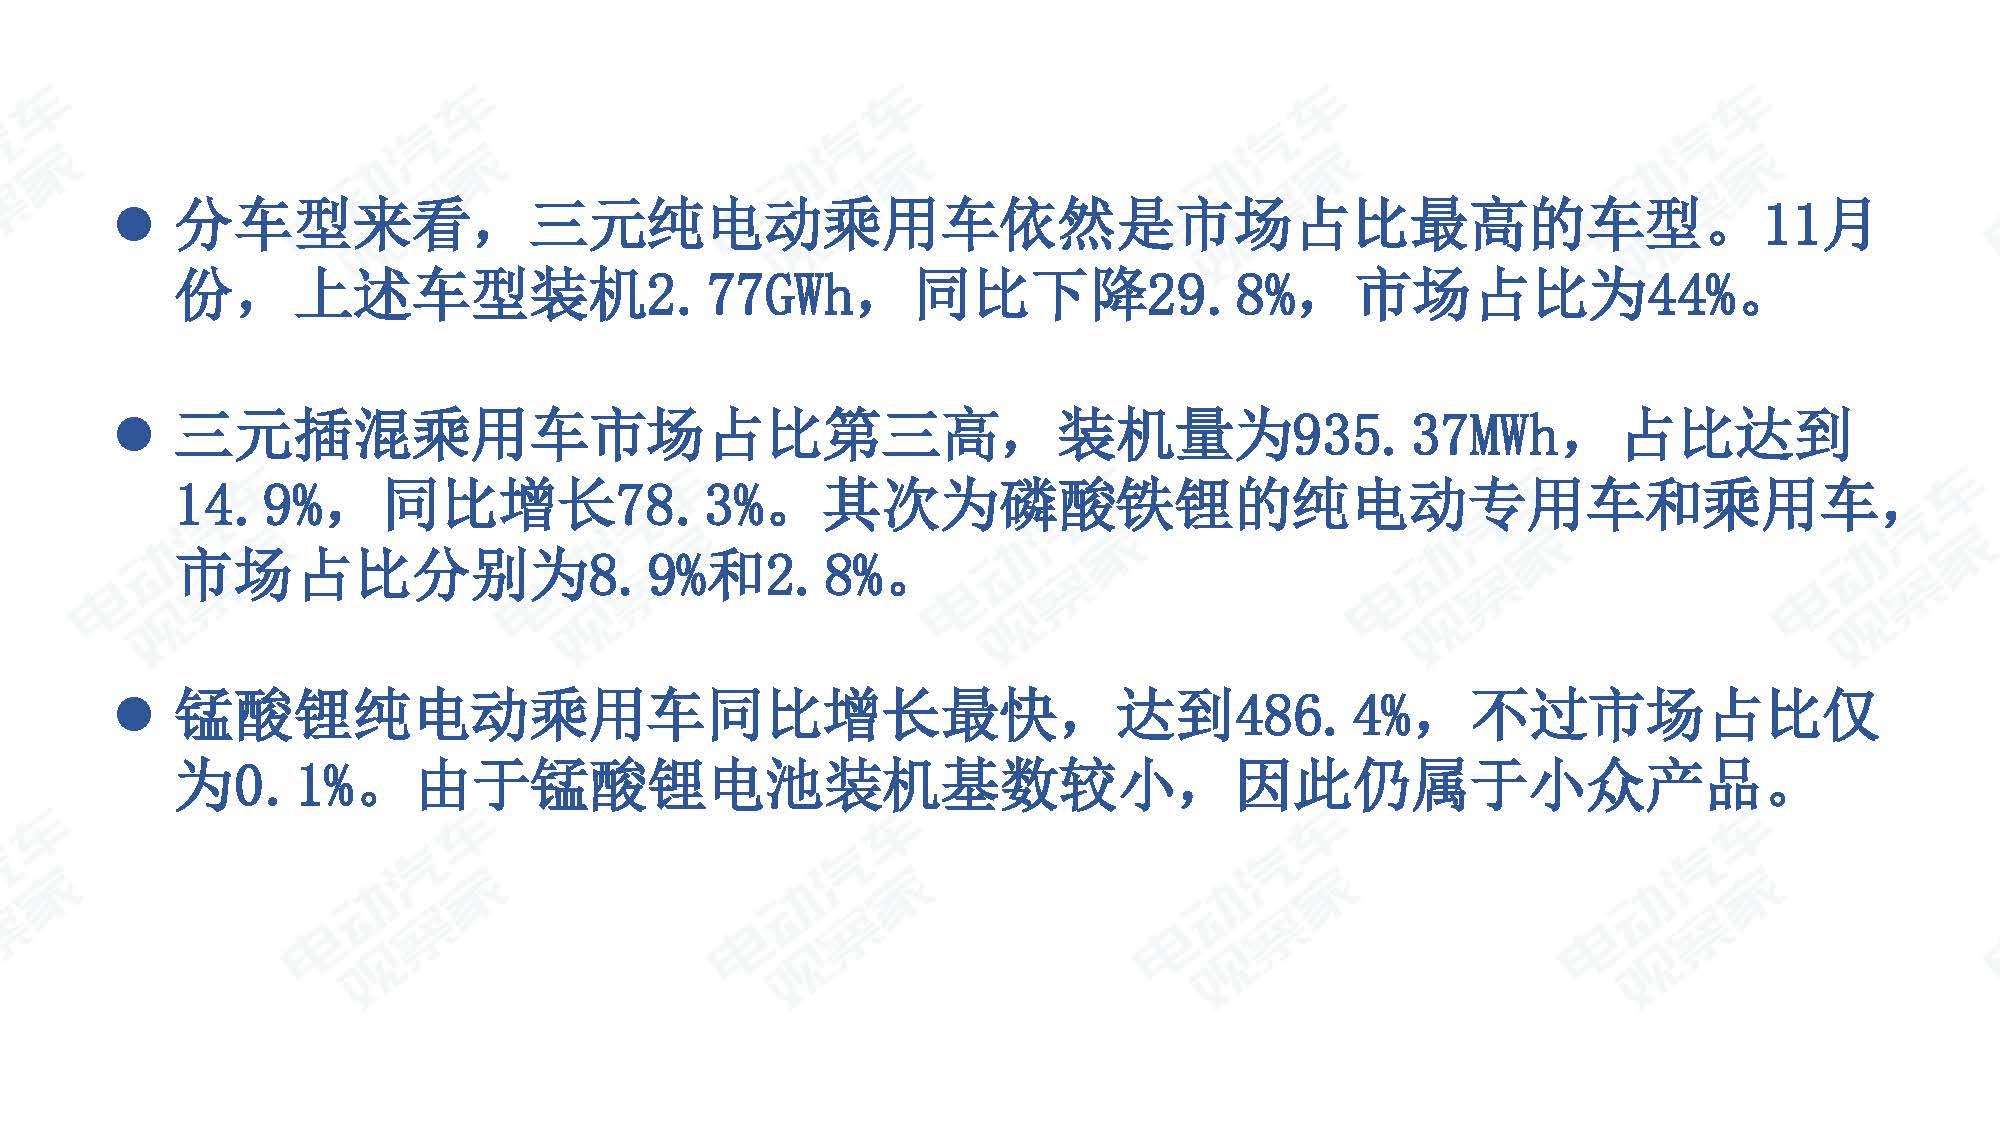 2019年11月中国新能源汽车产业观察_页面_087